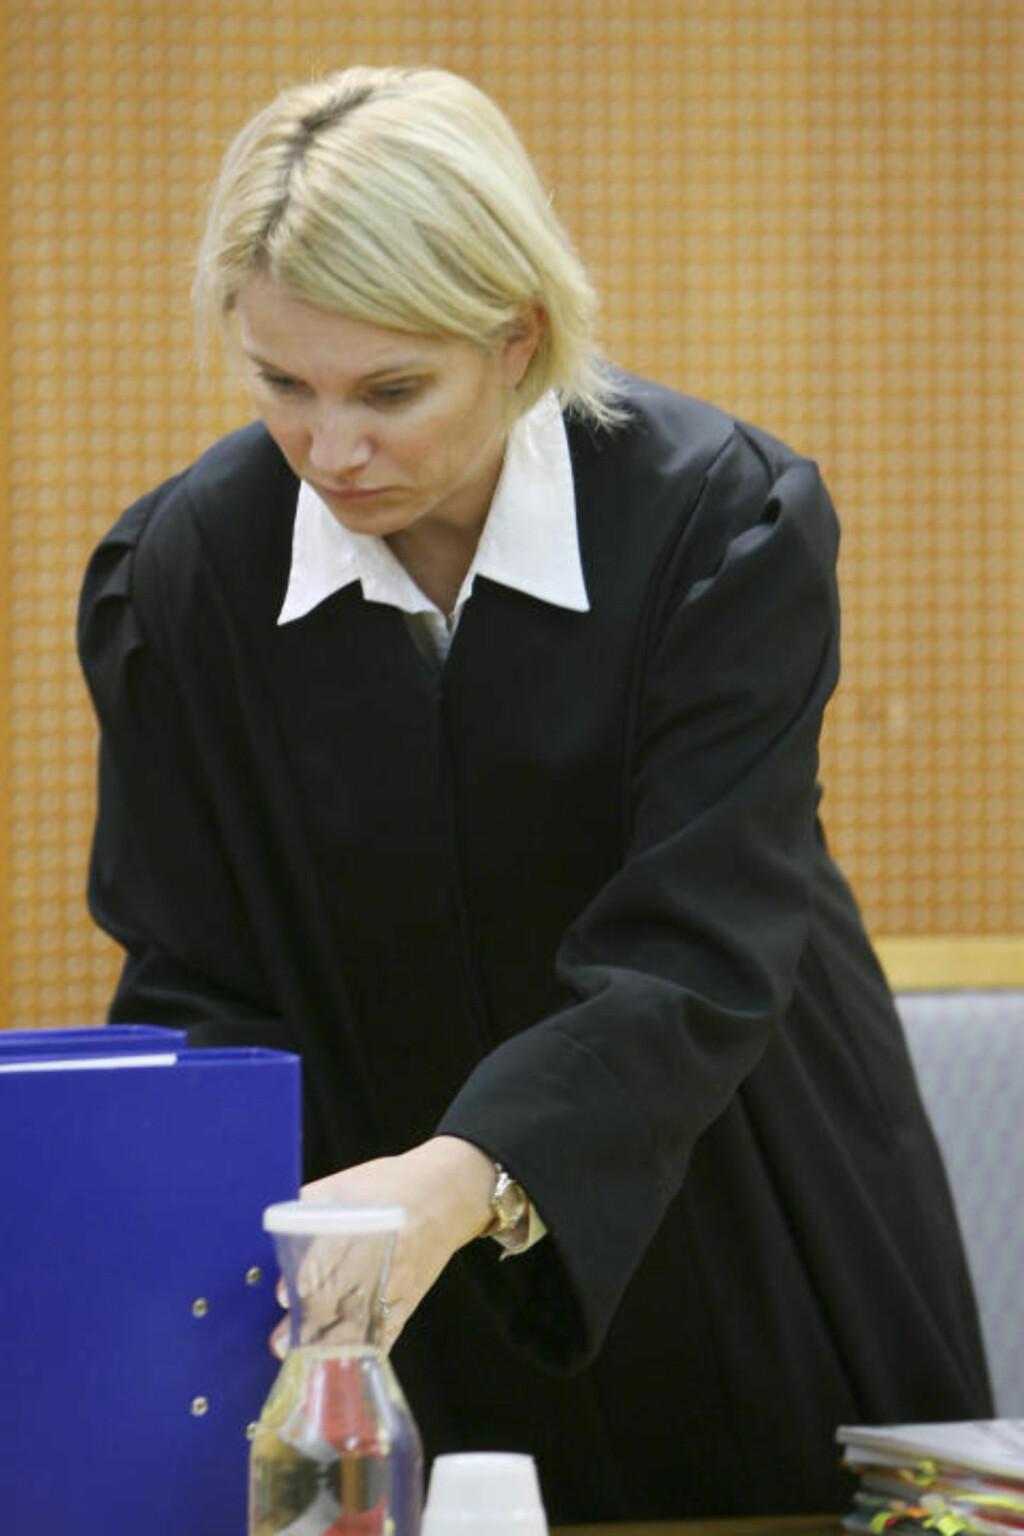 """ANKLAGES FOR LØGN: Statsadvokat Anne Margrete Katteland anklages i stevningen for å være """"skjev, uetterrettelig og usann"""" og for å misforstå med vilje. Foto: Håkon Mosvold Larsen / SCANNPIX"""